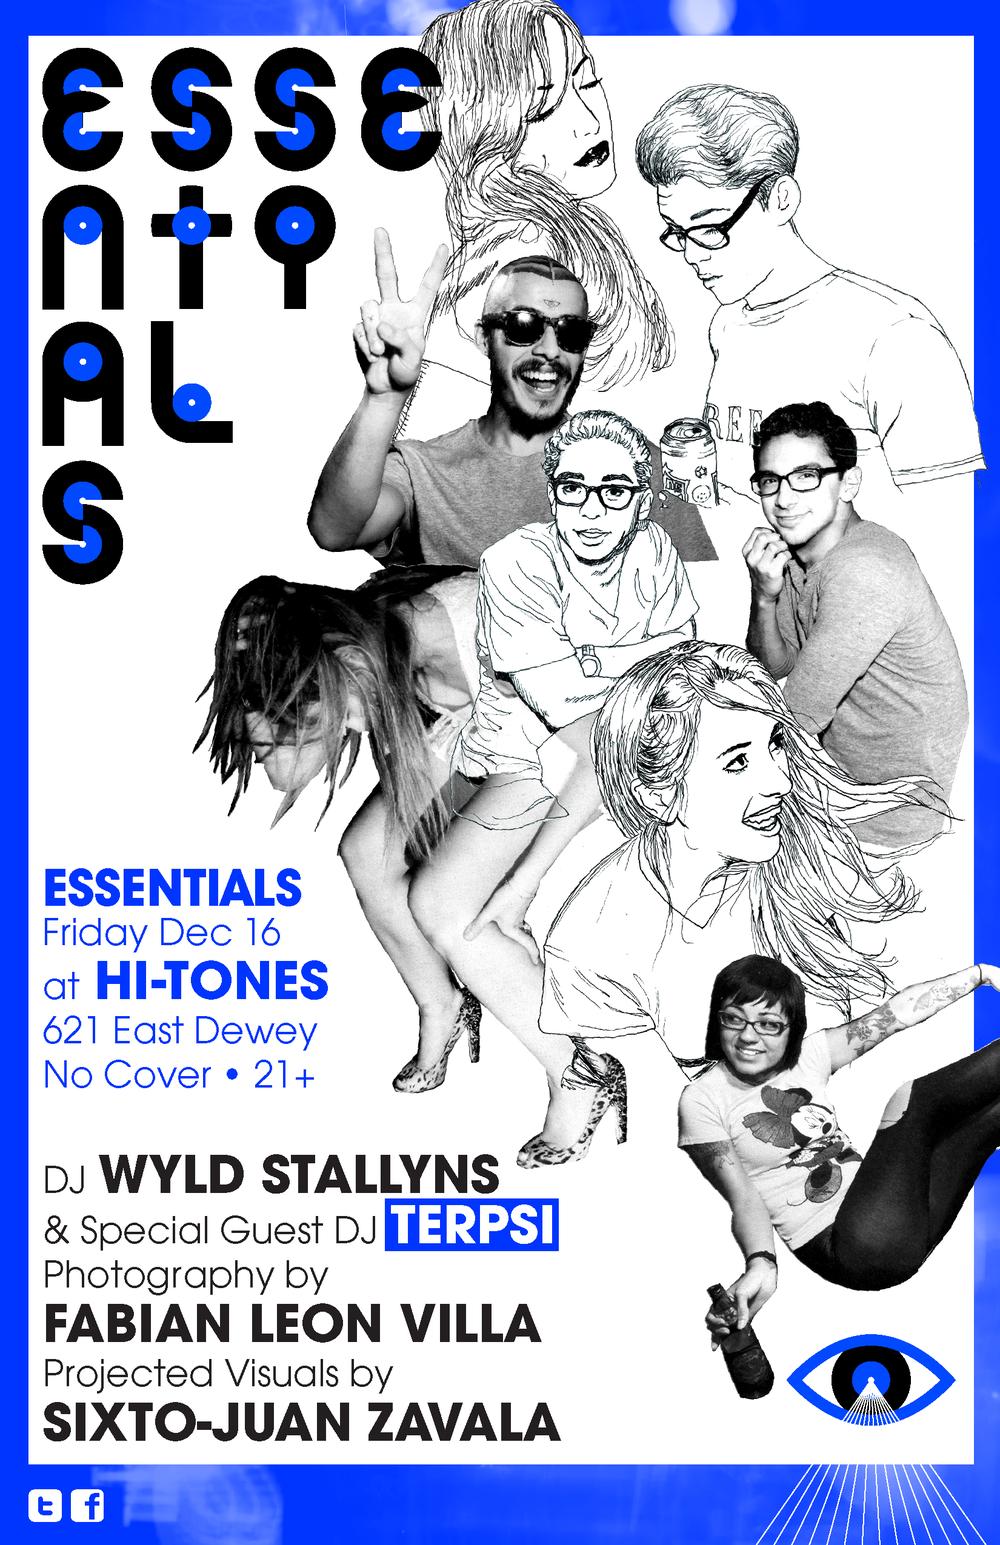 Essentials1211-01.png